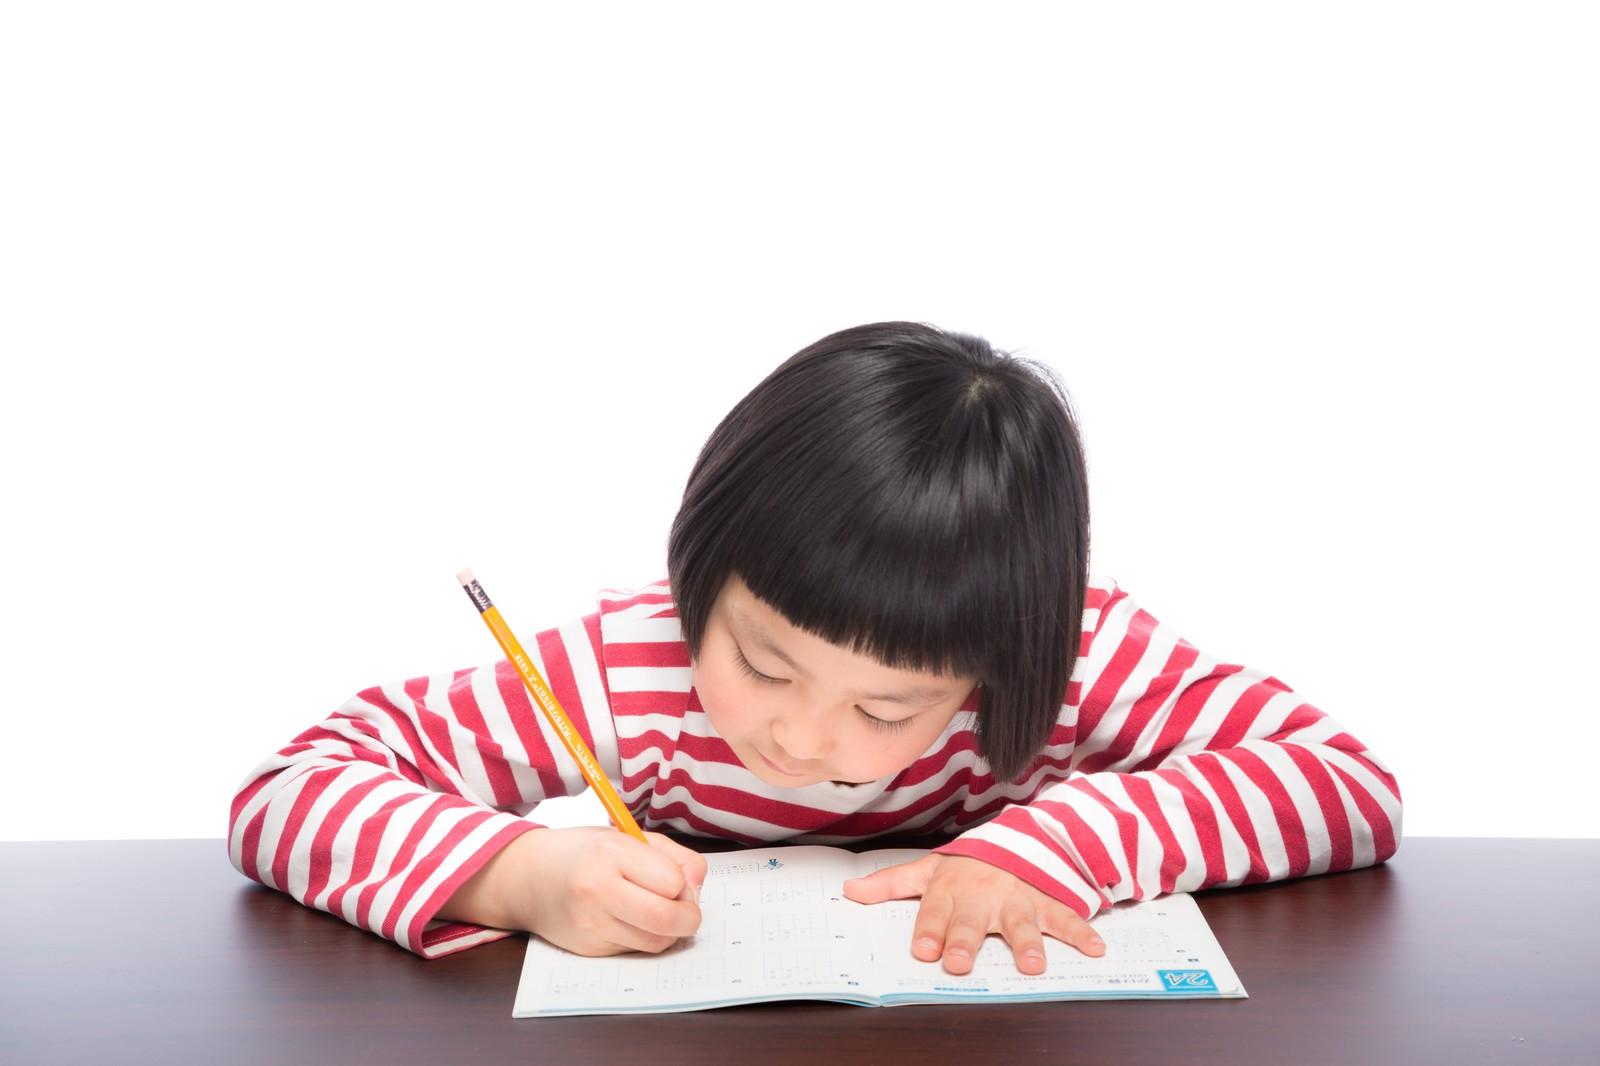 試験まで残り13日!アマチュア無線4級・3級の勉強の強経過報告と方法